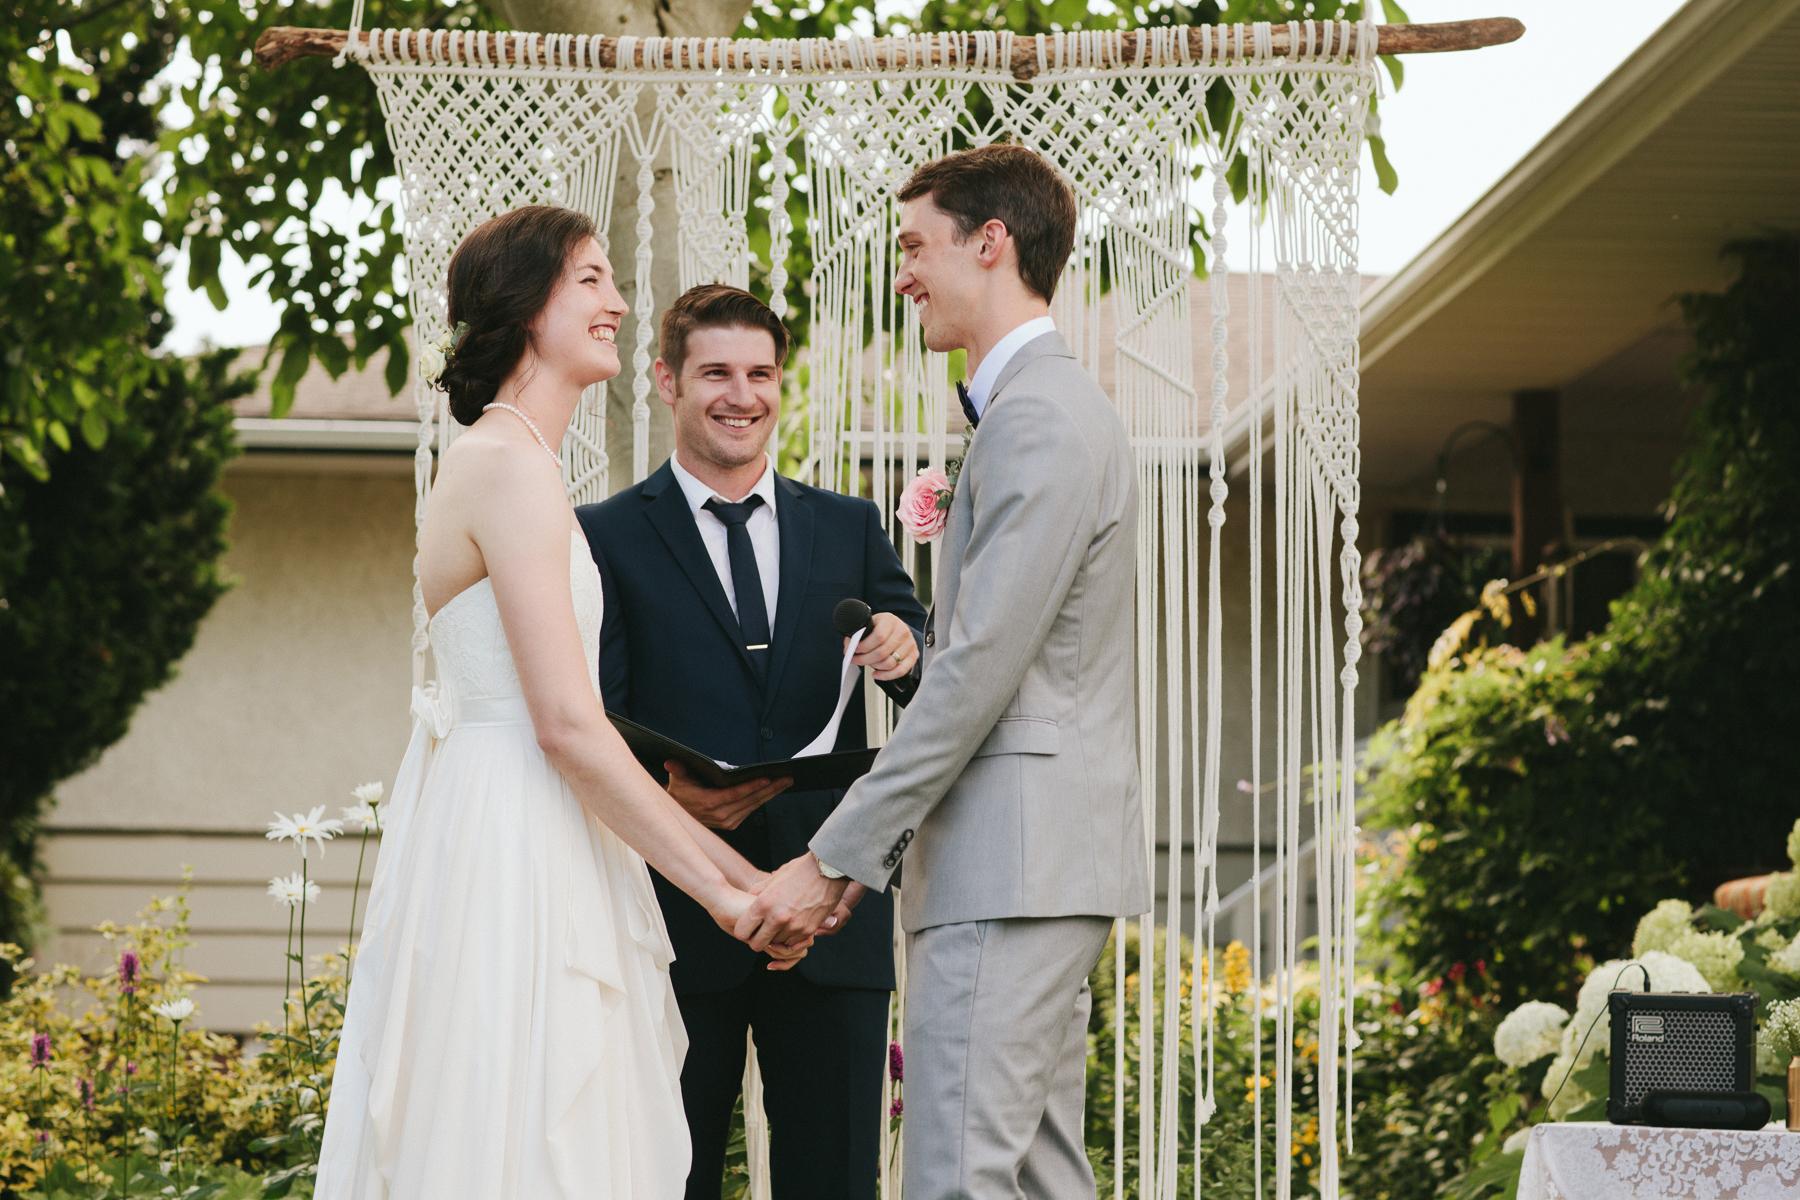 Vancouver-Rustic-Farm-Wedding-KB-118.jpg